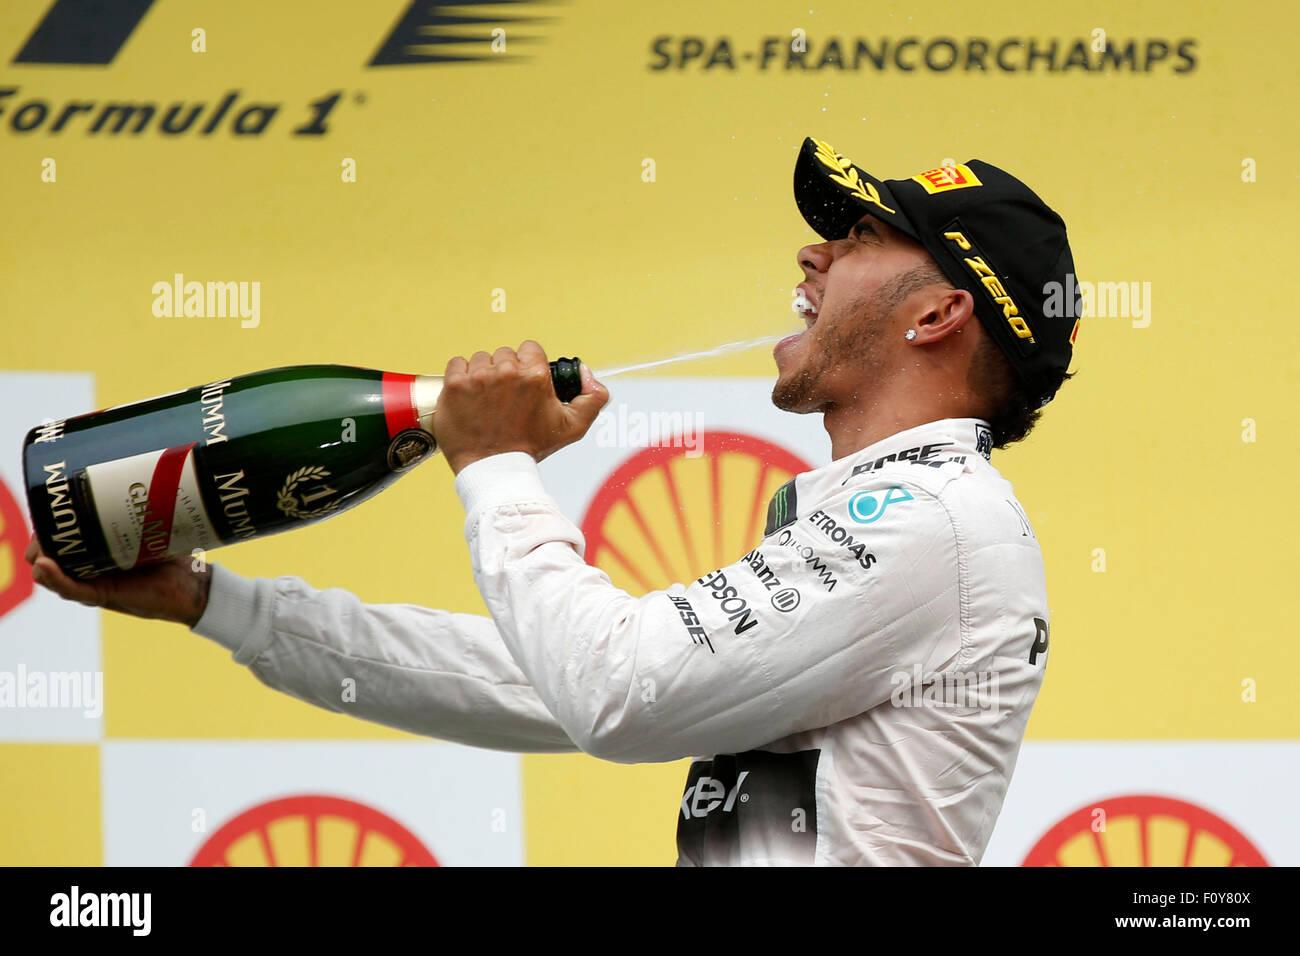 Spa, Belgique. Août 23, 2015. Championnat du Monde de Formule 1 de la FIA 2015, Grand Prix de Belgique, #44 Photo Stock